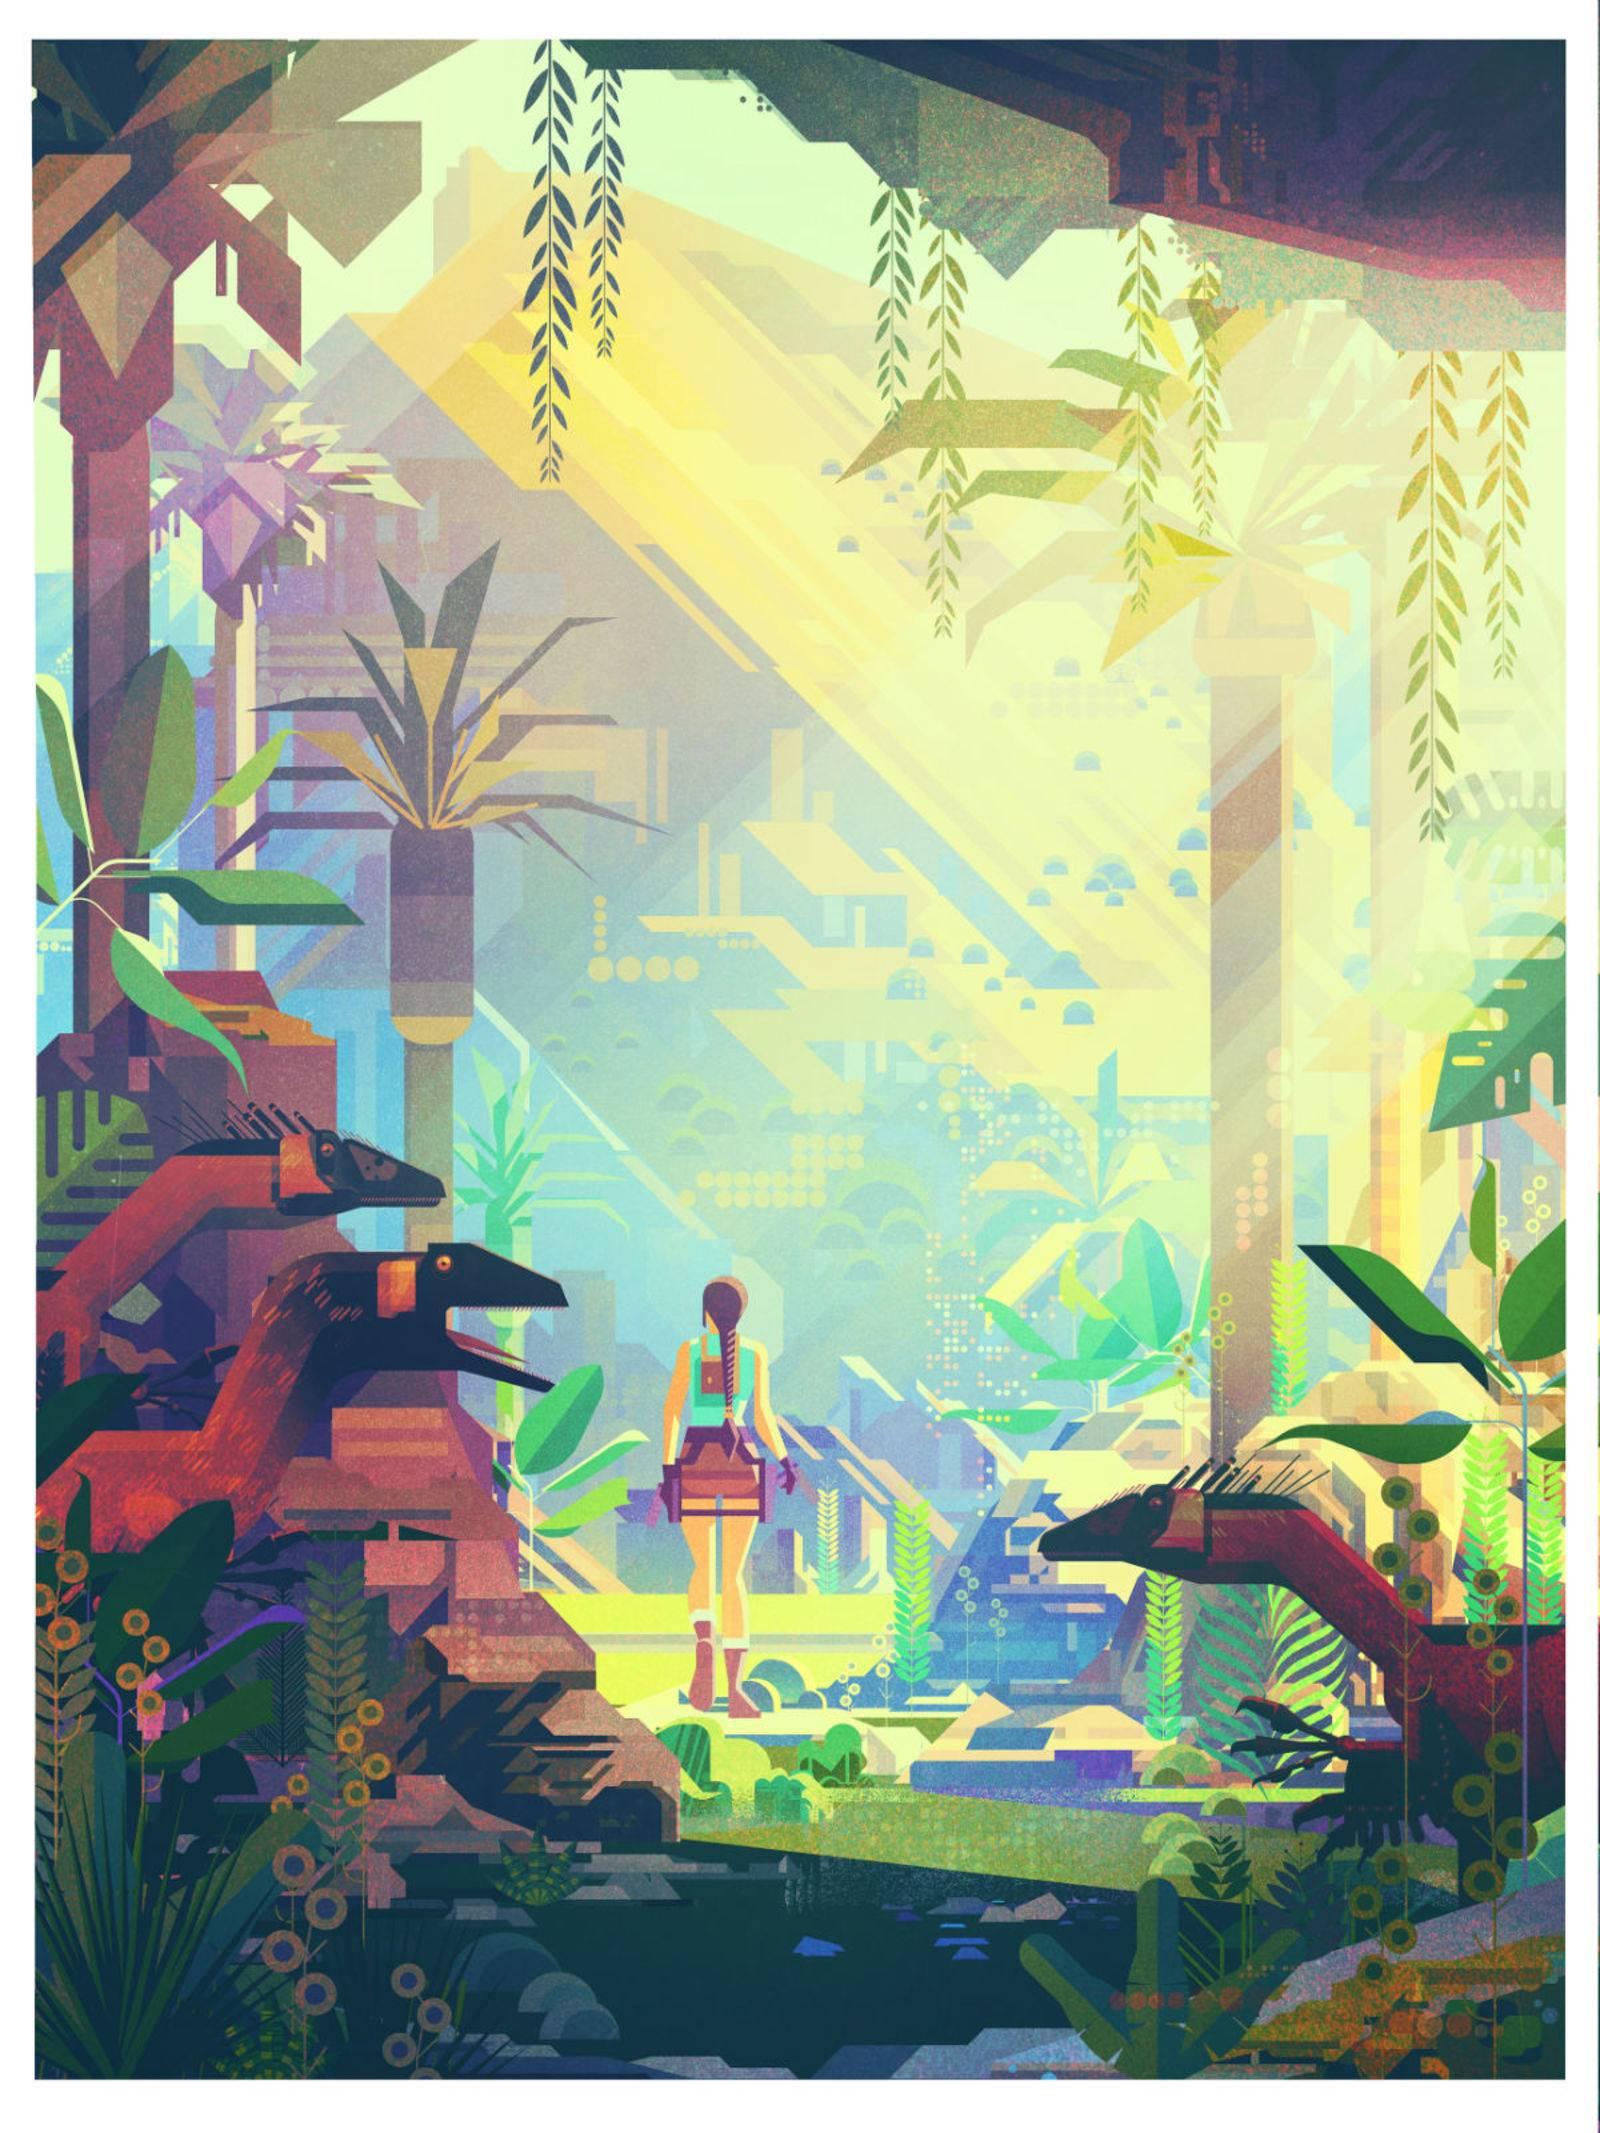 Арт: яркие постеры к нашим любимым видеоиграм 3